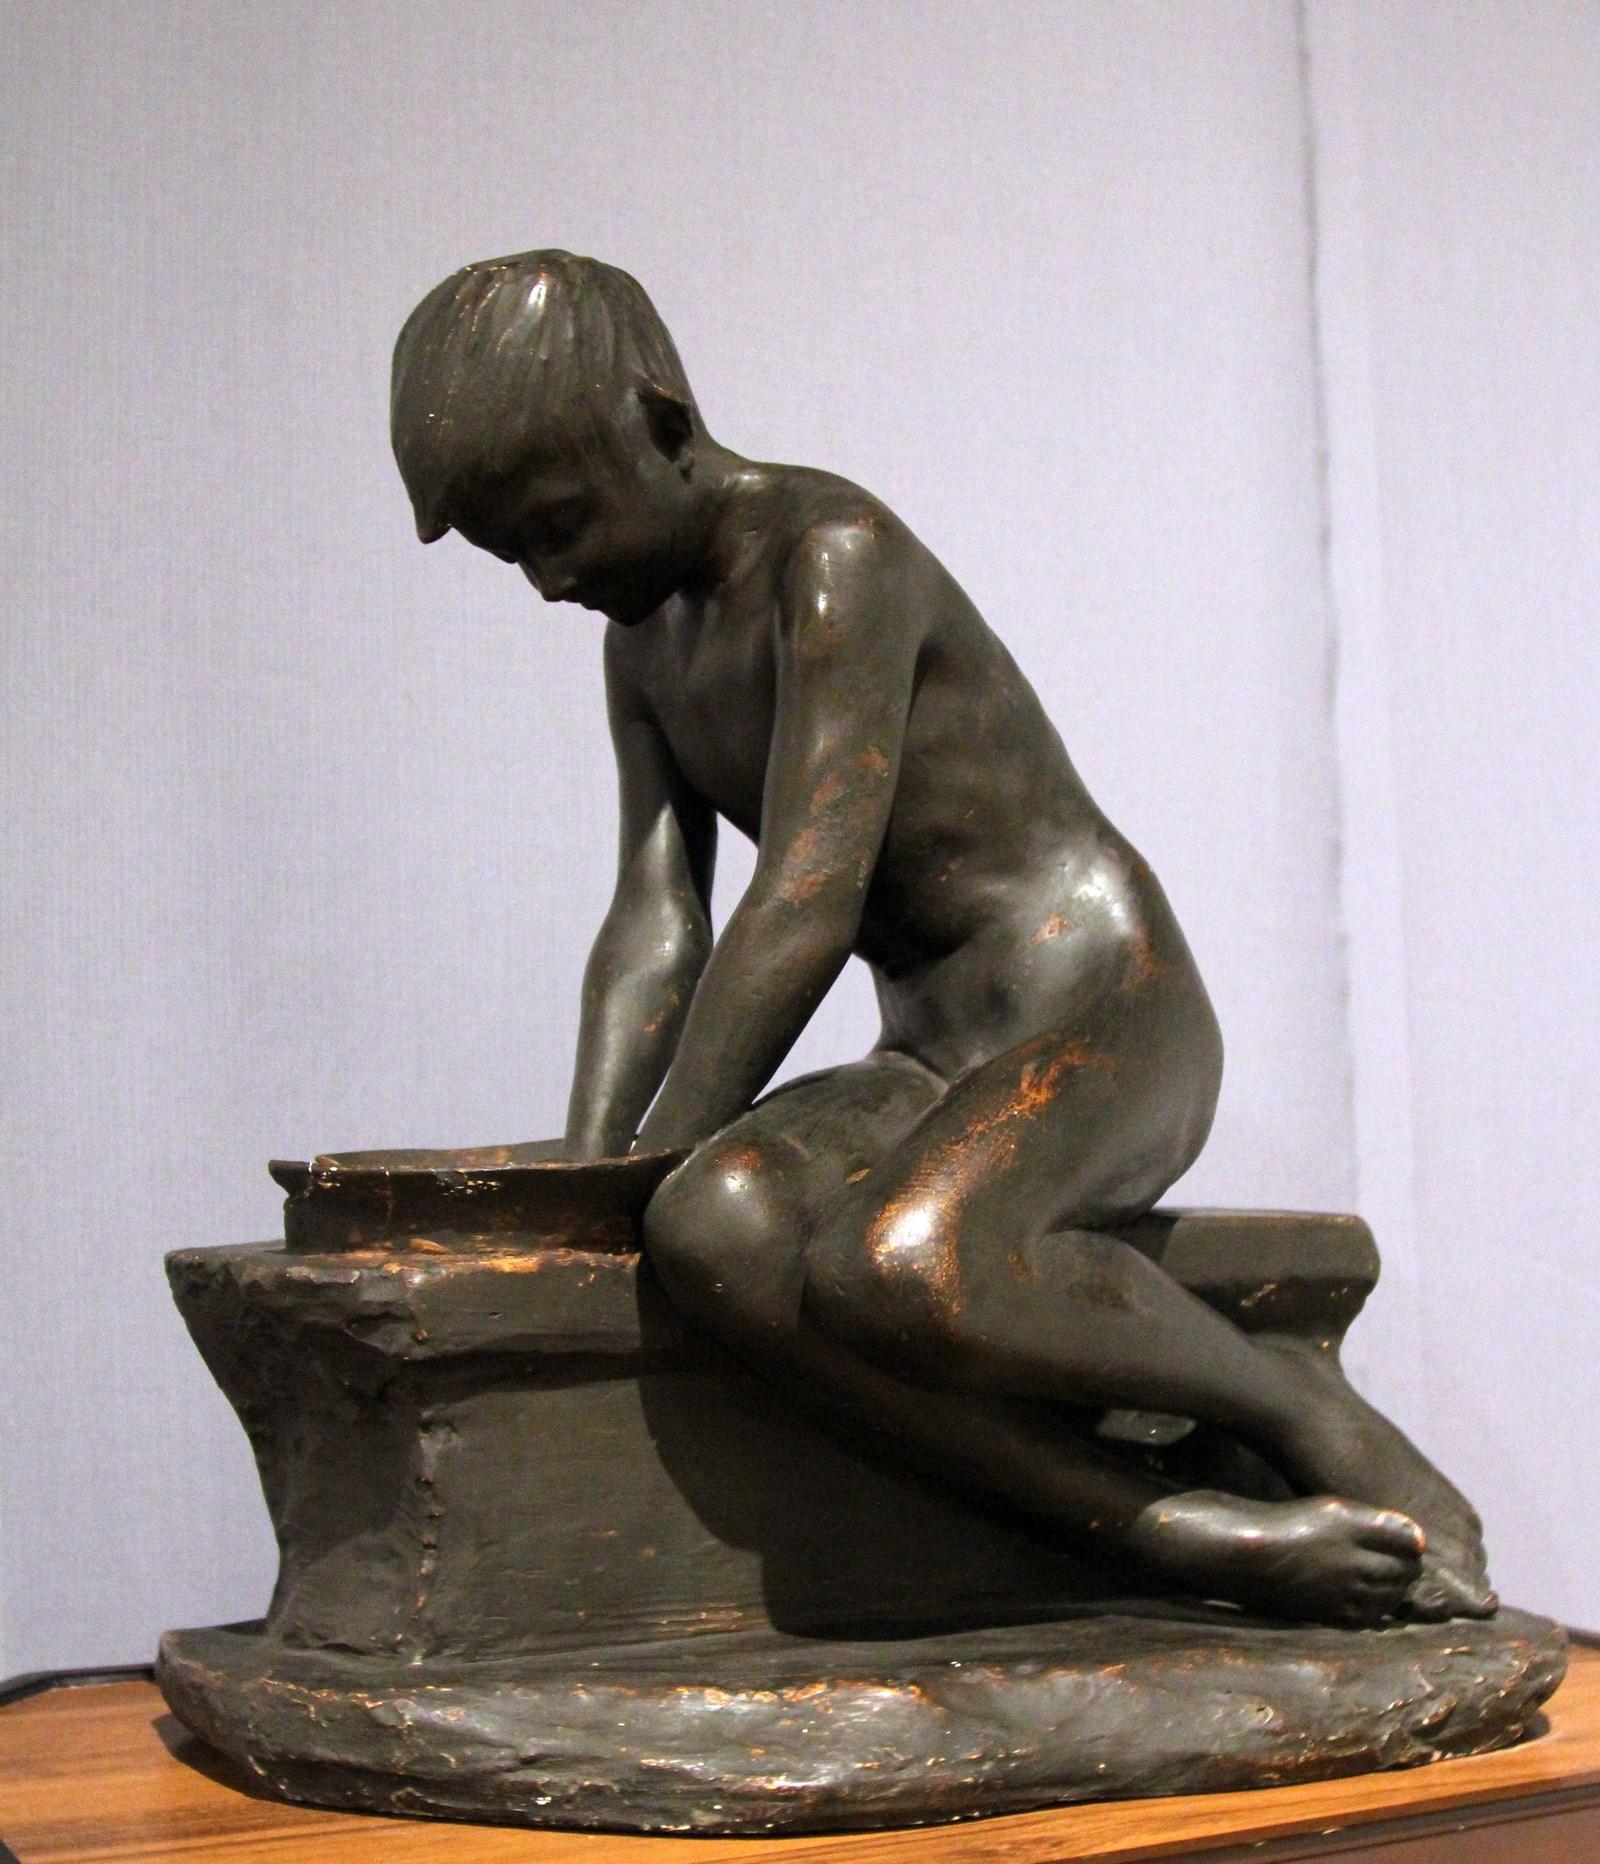 Гинцбург И.Я. 1859-1939 Моющийся мальчик. 1890-е Гипс. Национальный художественный музей Республики Беларусь